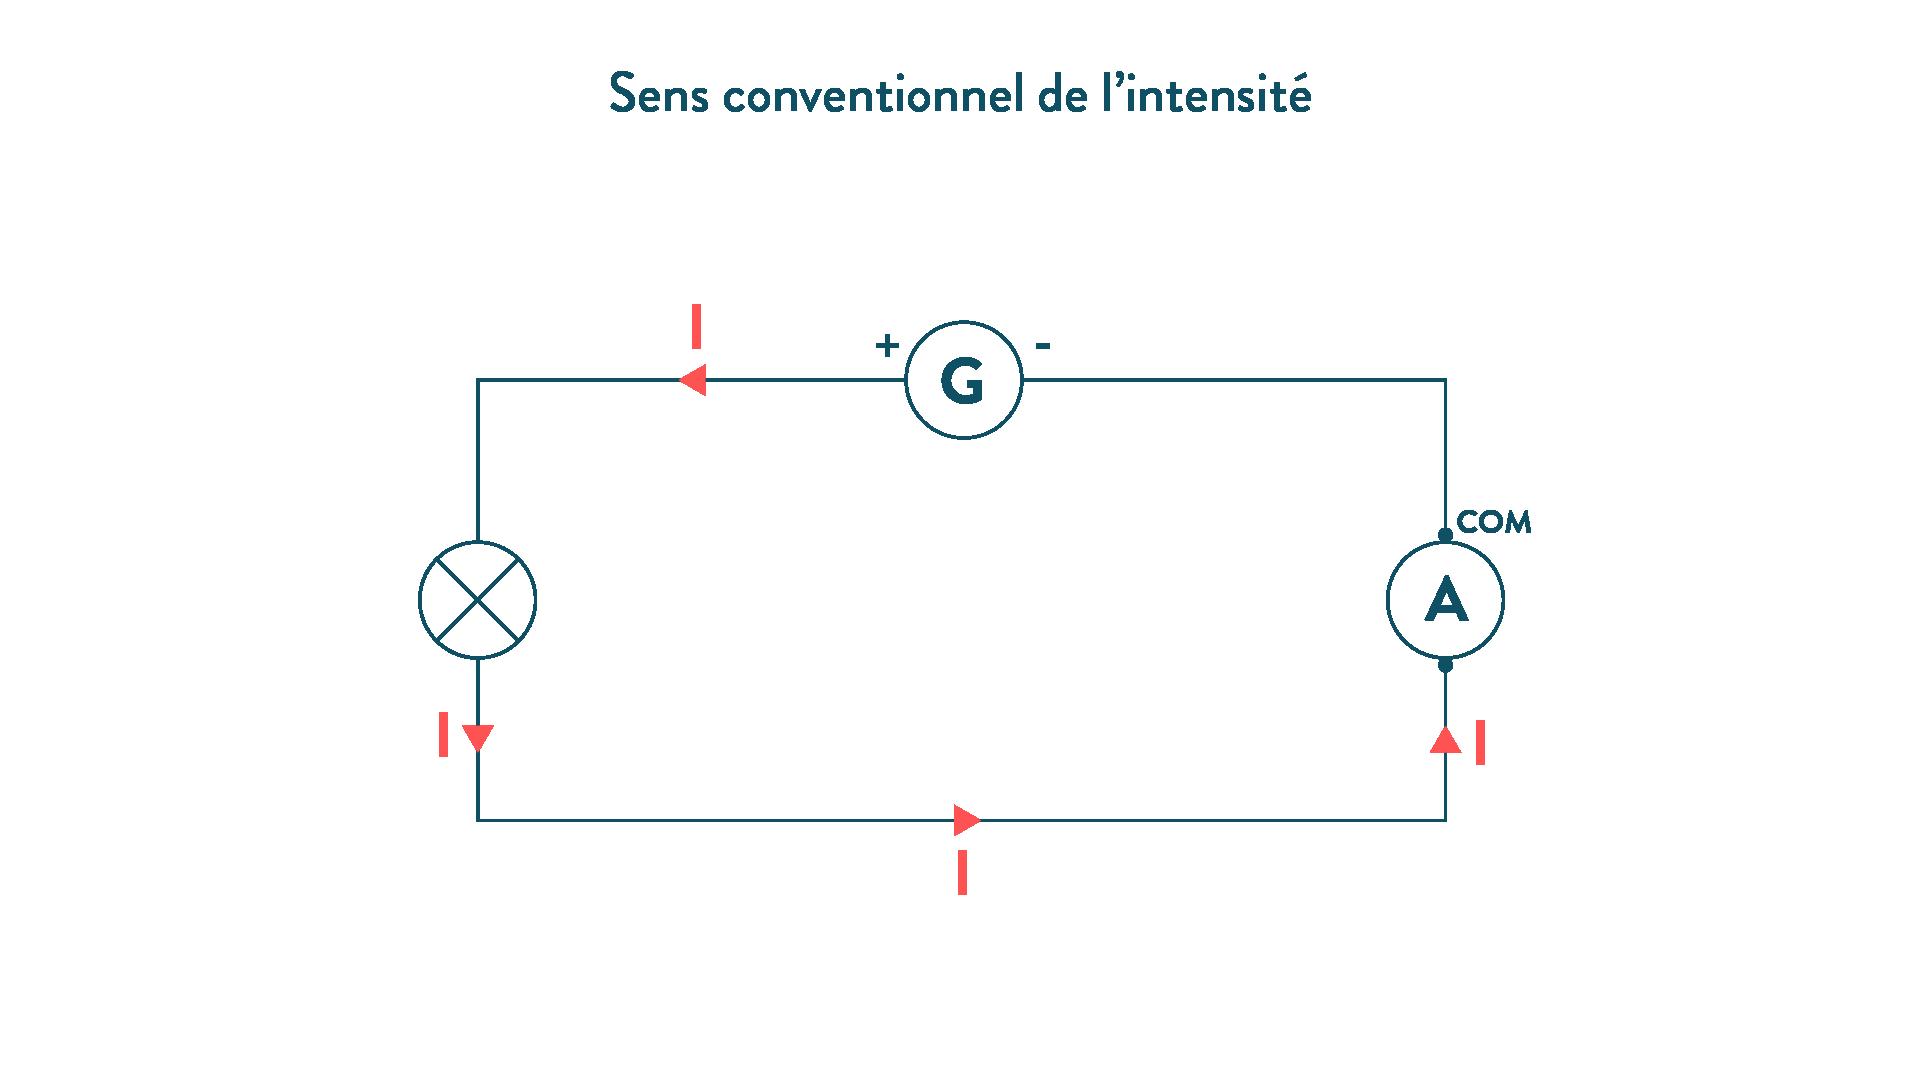 Sens conventionnel de l'intensité dans un circuit